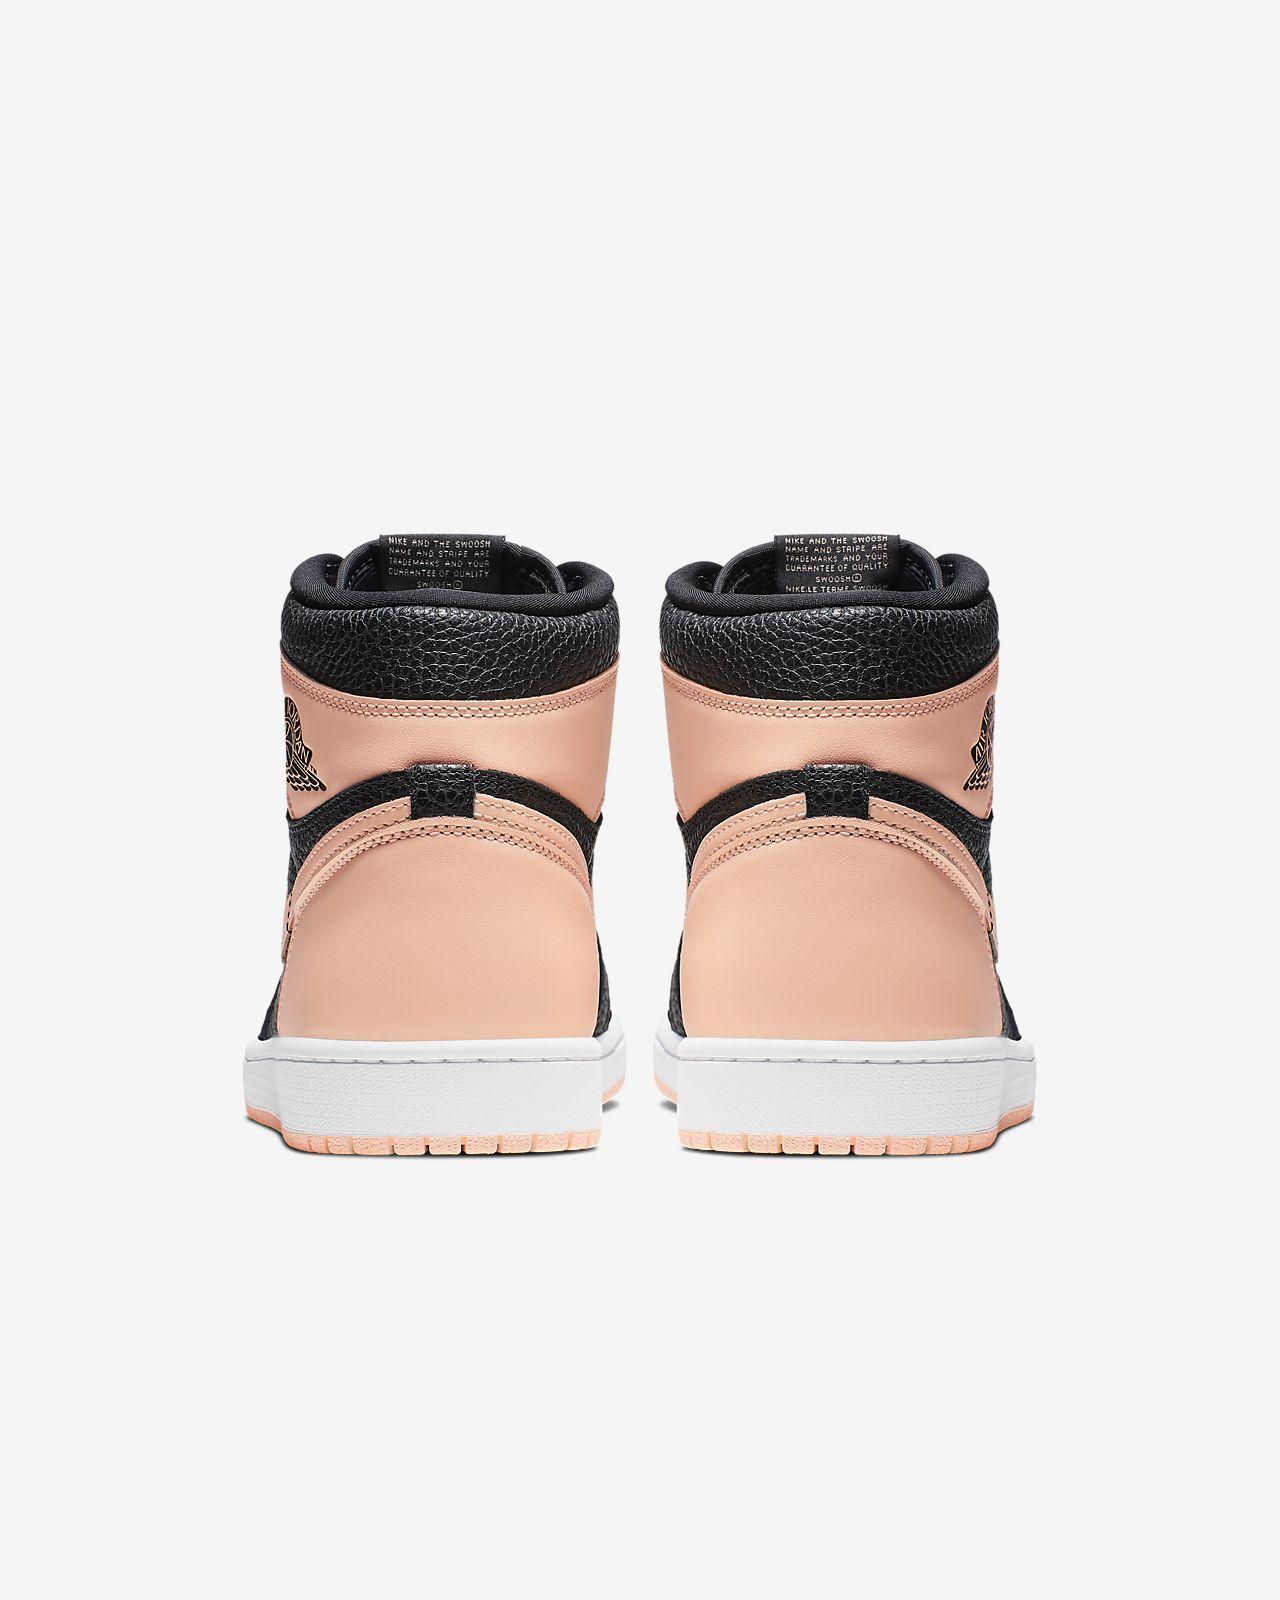 cc1b0d3301ae Air Jordan 1 Retro High OG Shoe. Nike.com